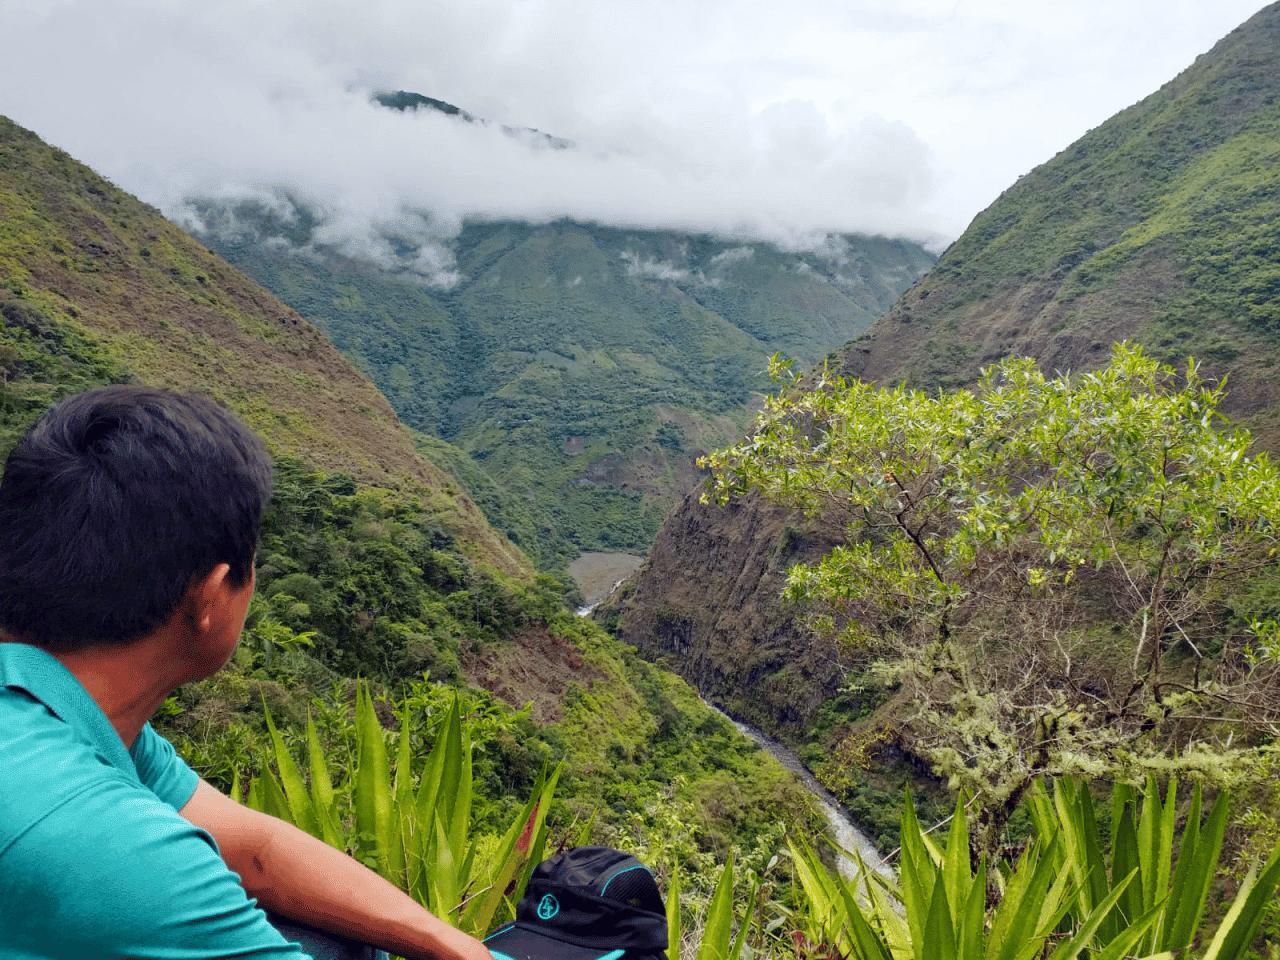 Vista in the Quillabamba region of Peru